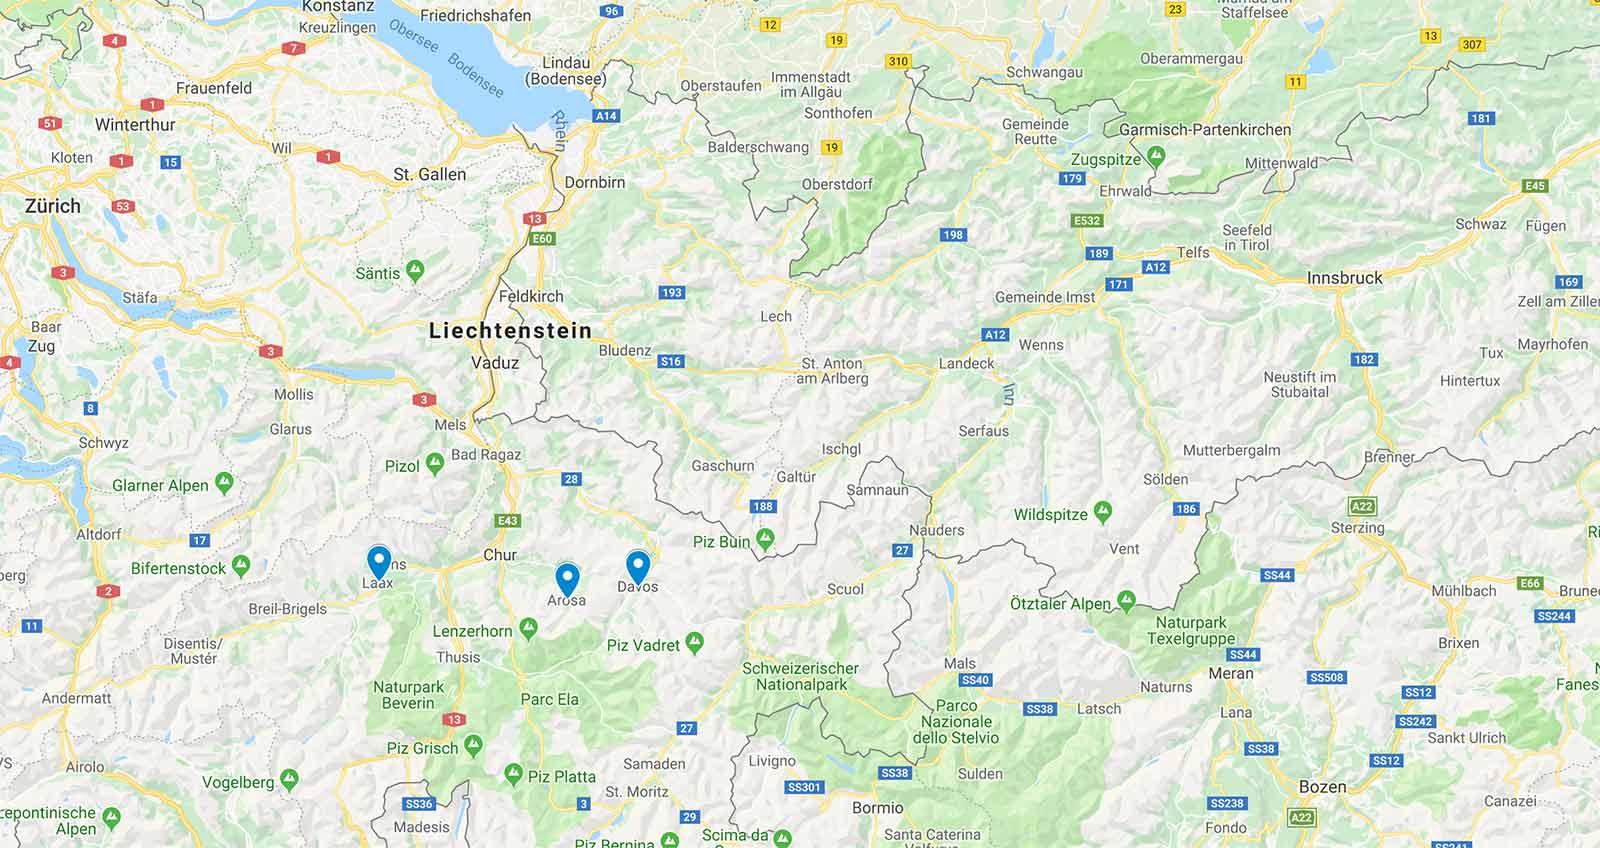 Übersicht: Die Gebiete der Topcard (Schweiz) 2019/2020